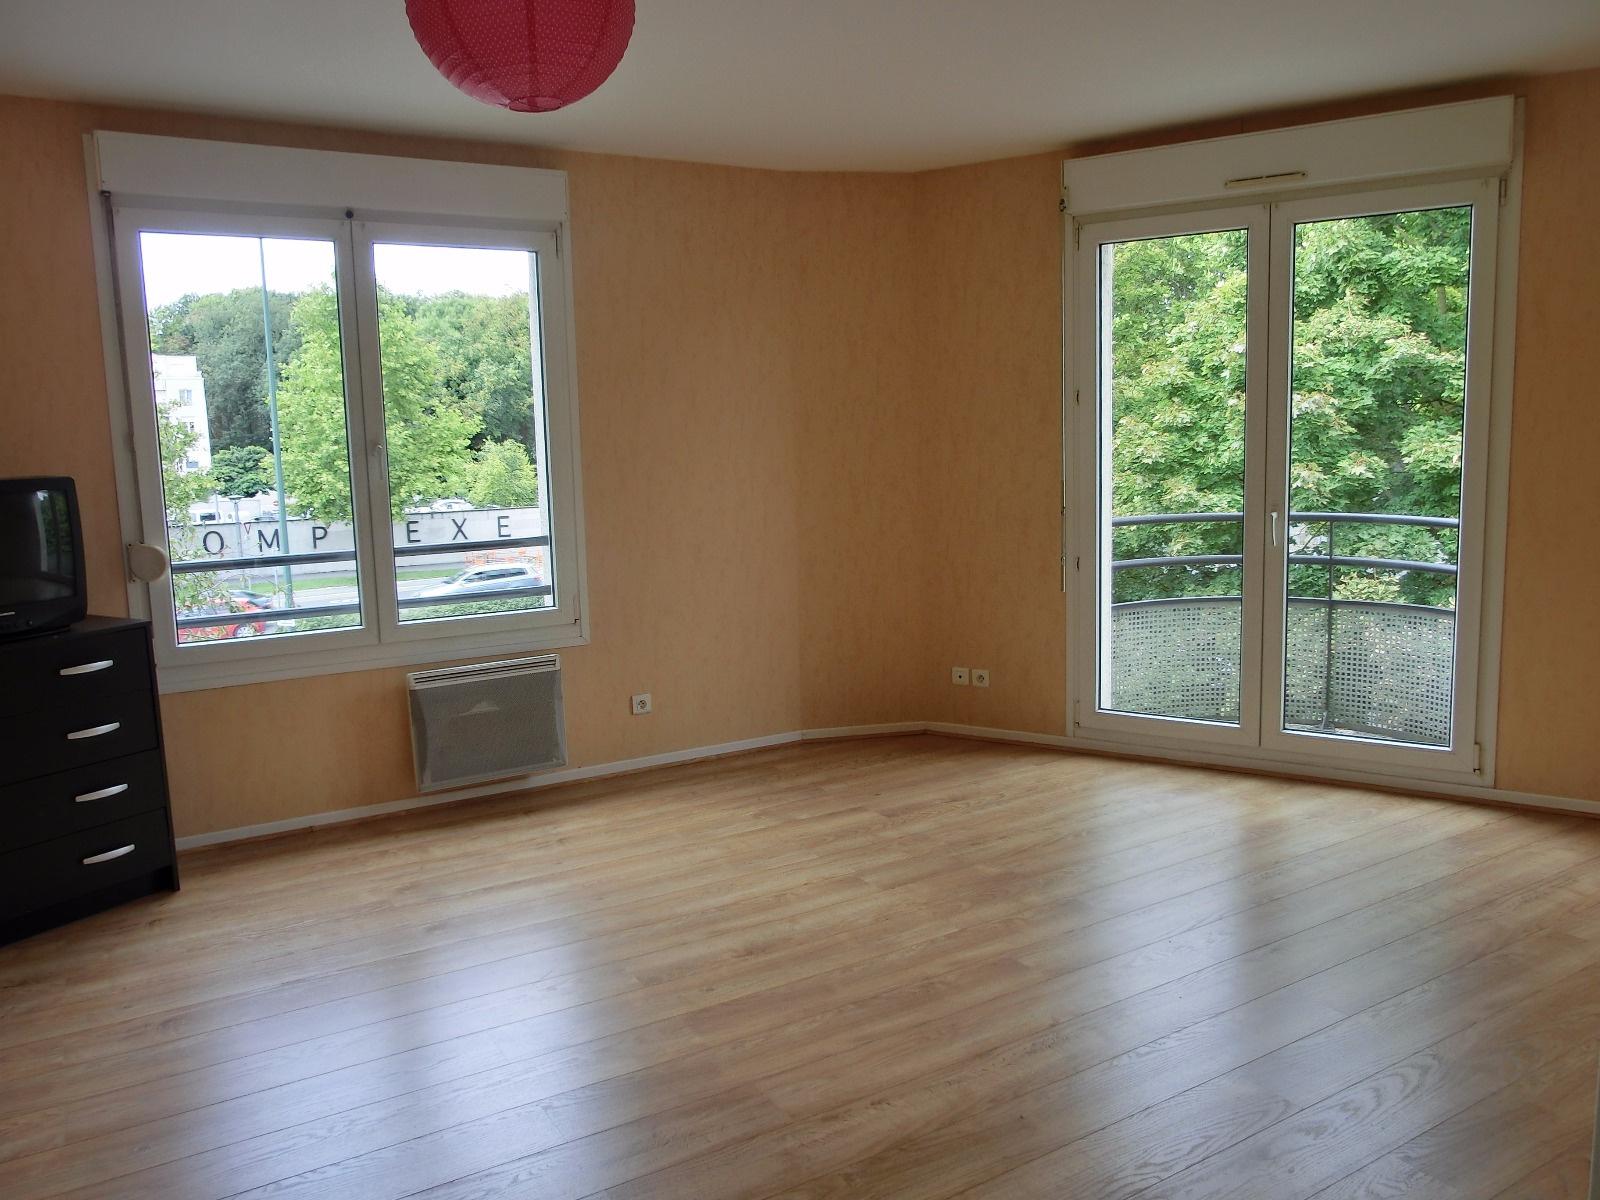 vente exclusivit reims appartement type 3 avec 2 balcons. Black Bedroom Furniture Sets. Home Design Ideas